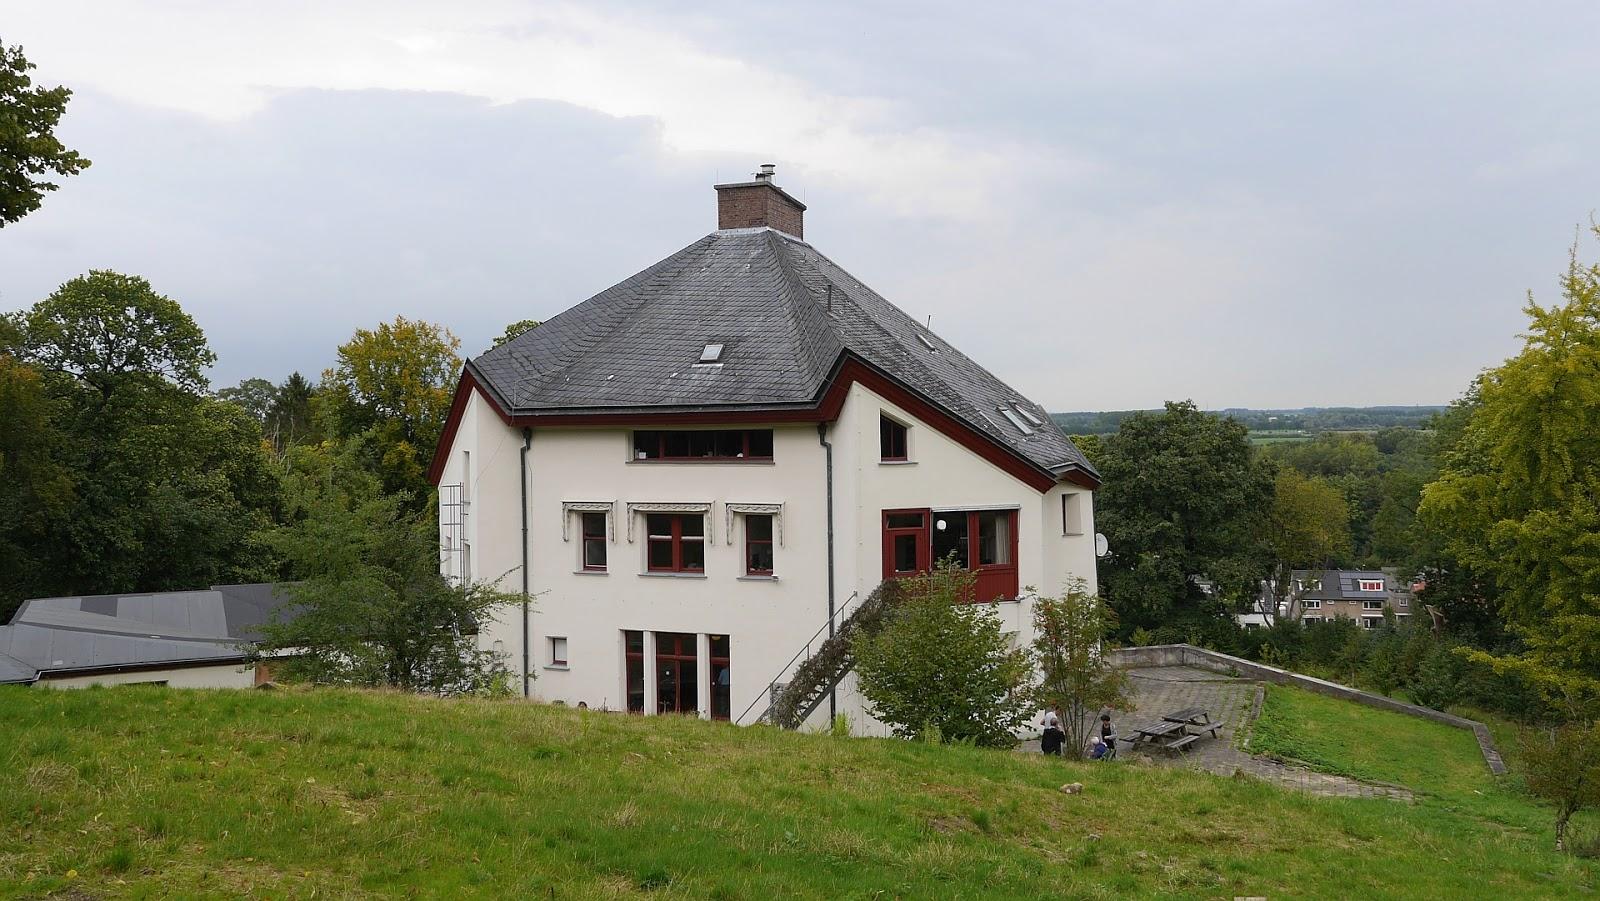 Nijmegen blog nijmegen uit huis wylerberg for Huis nijmegen